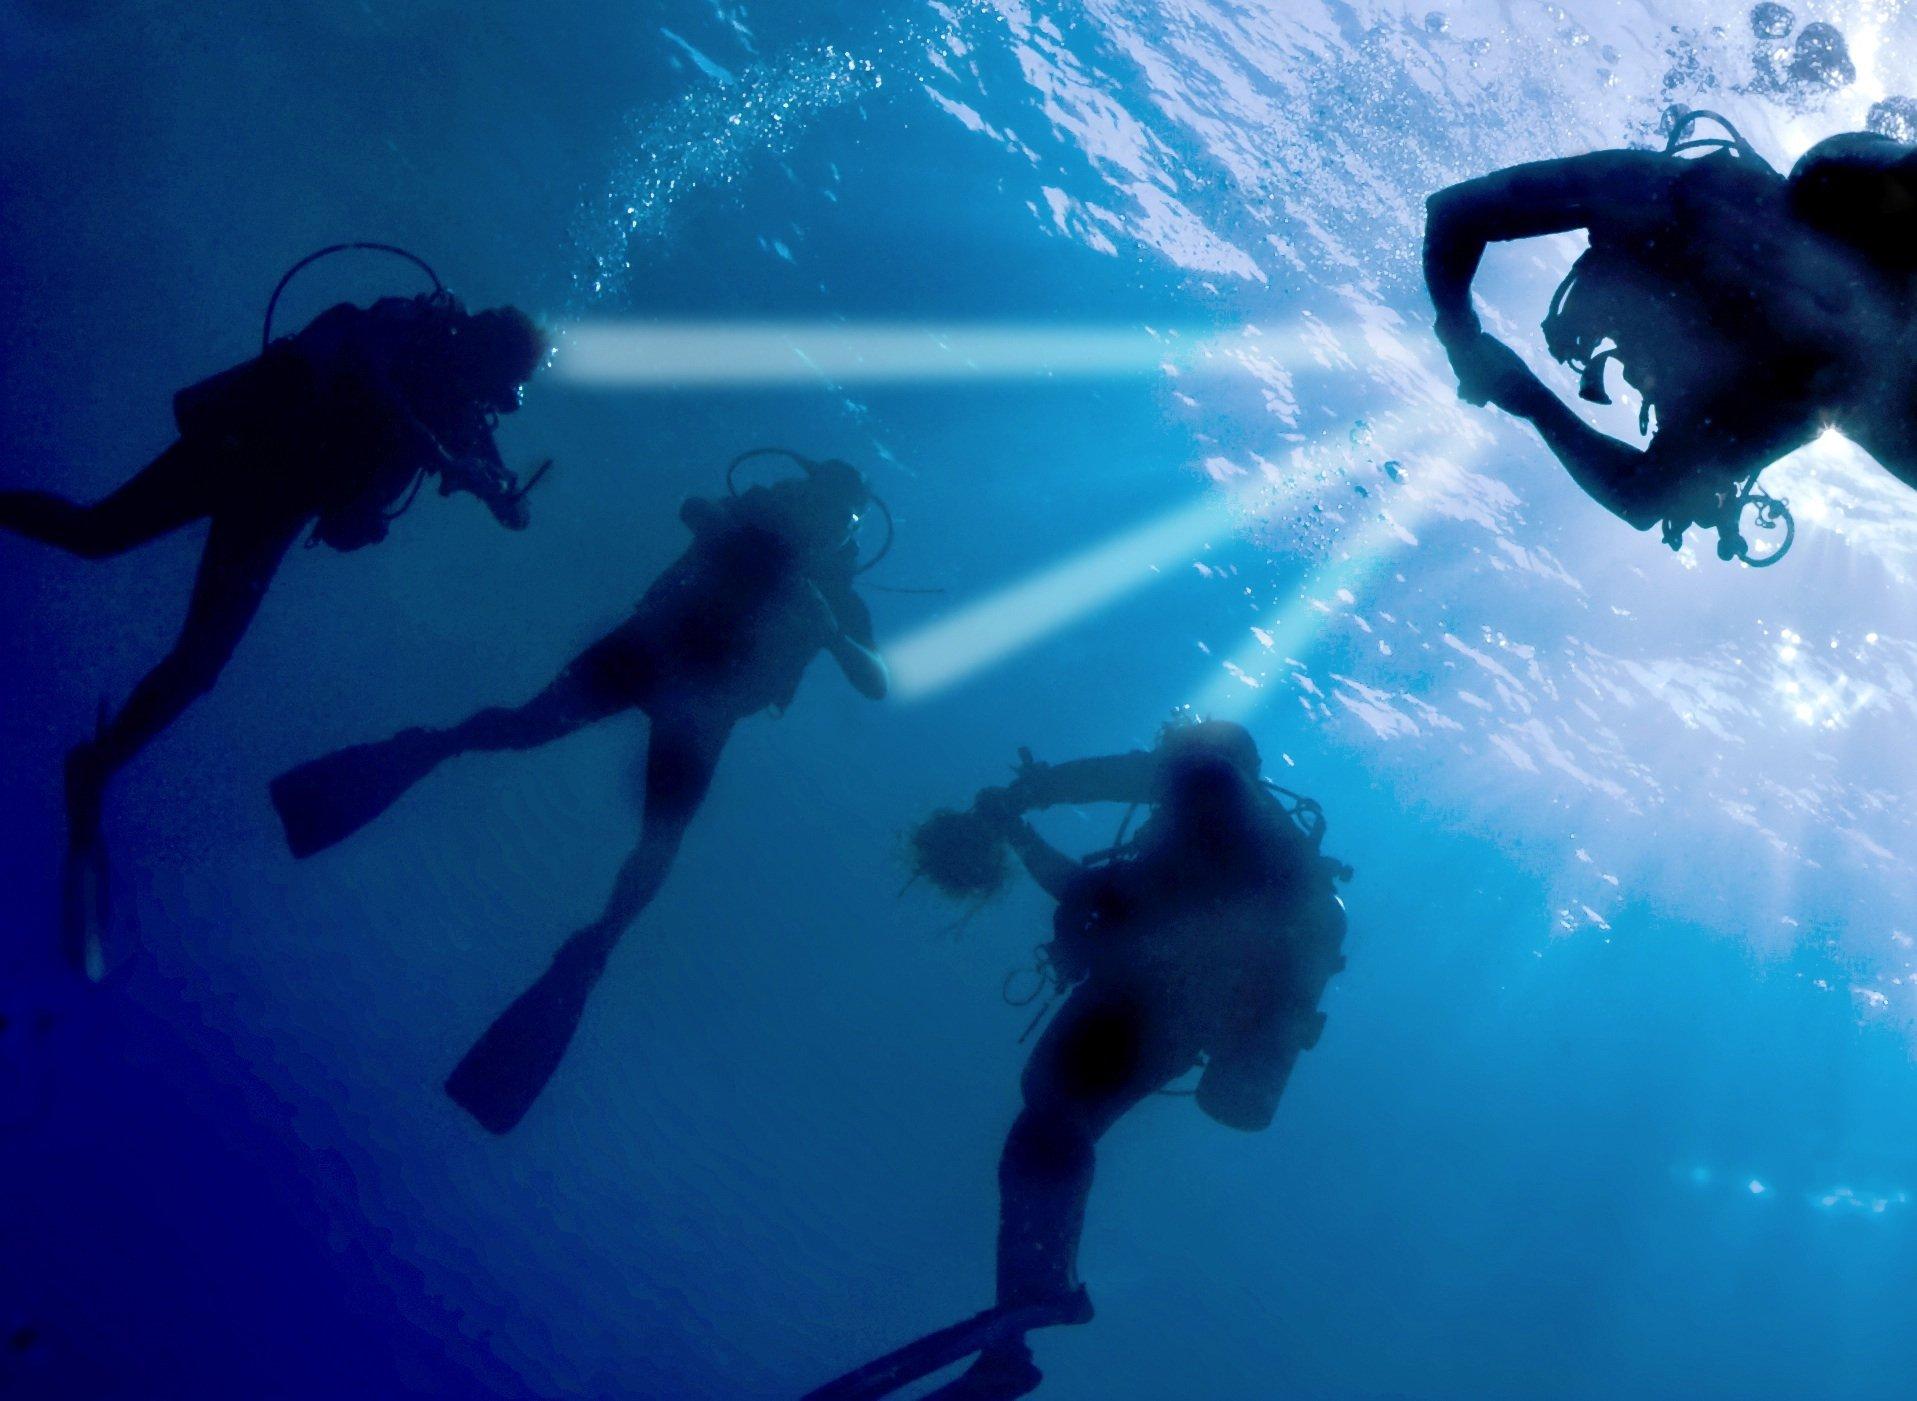 Selbst unter Wasser können sich die Forscher des Berliner Heinrich-Hertz-Instituts vorstellen, dass man per Licht vernetzt ist.